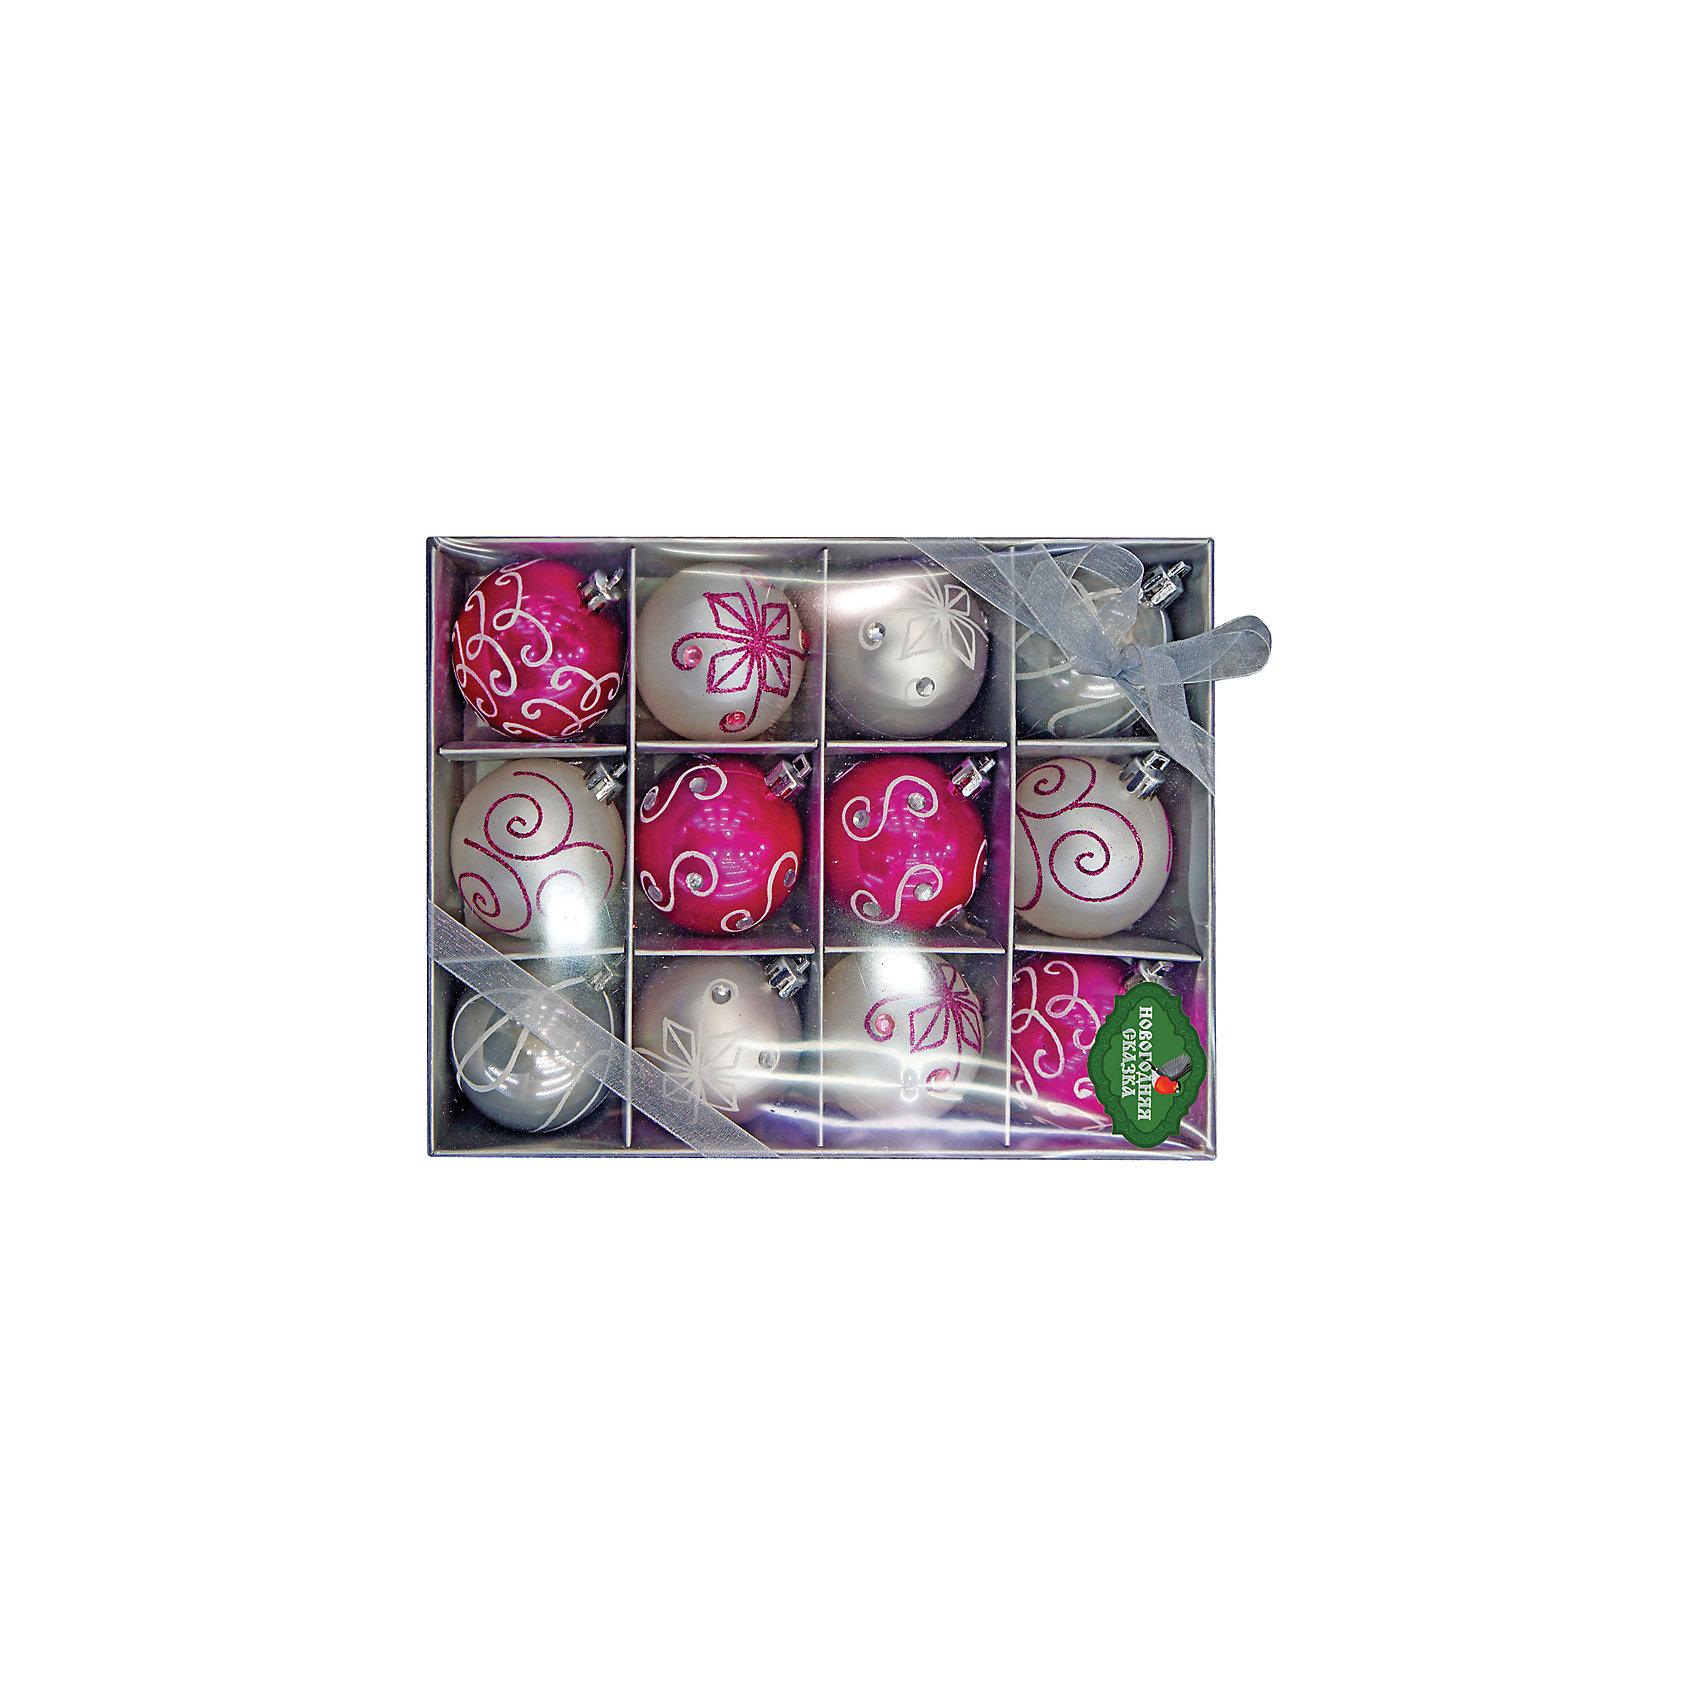 Набор шаров 6 см, 12 шт, серебро, розовыйВсё для праздника<br>Набор разноцветных шаров украсит вашу елку и придаст ей новогоднее настроение.Размер украшения 6 см.В наборе 12 шт<br><br>Ширина мм: 185<br>Глубина мм: 245<br>Высота мм: 55<br>Вес г: 267<br>Возраст от месяцев: 36<br>Возраст до месяцев: 420<br>Пол: Унисекс<br>Возраст: Детский<br>SKU: 5078456